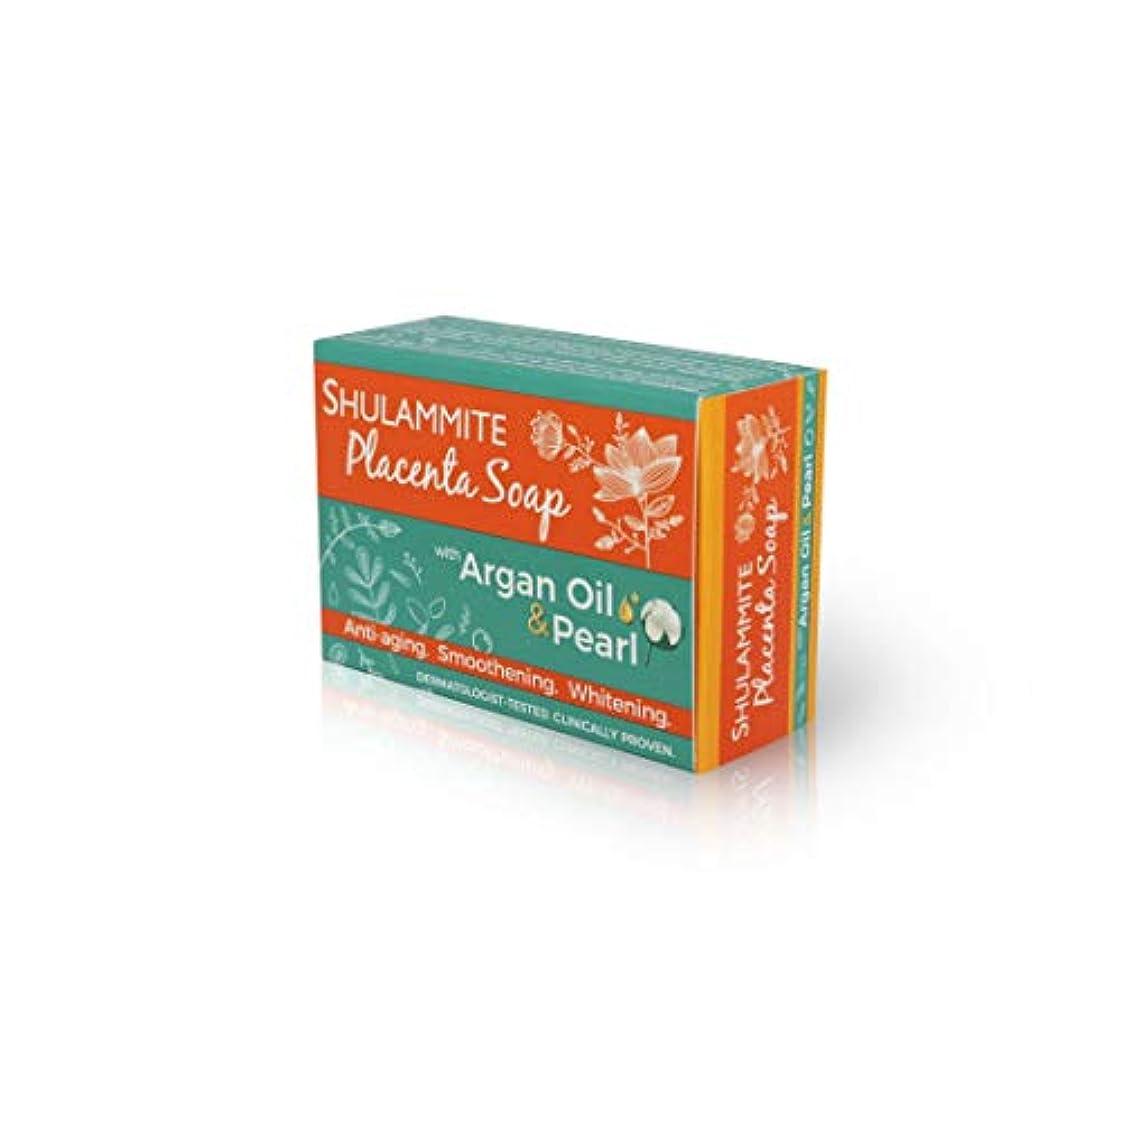 真実リビングルーム黒くするSHULAMMITE Placenta Soap with Argan Oil & Pearl/アルガンオイル&パール配合ソープ150g